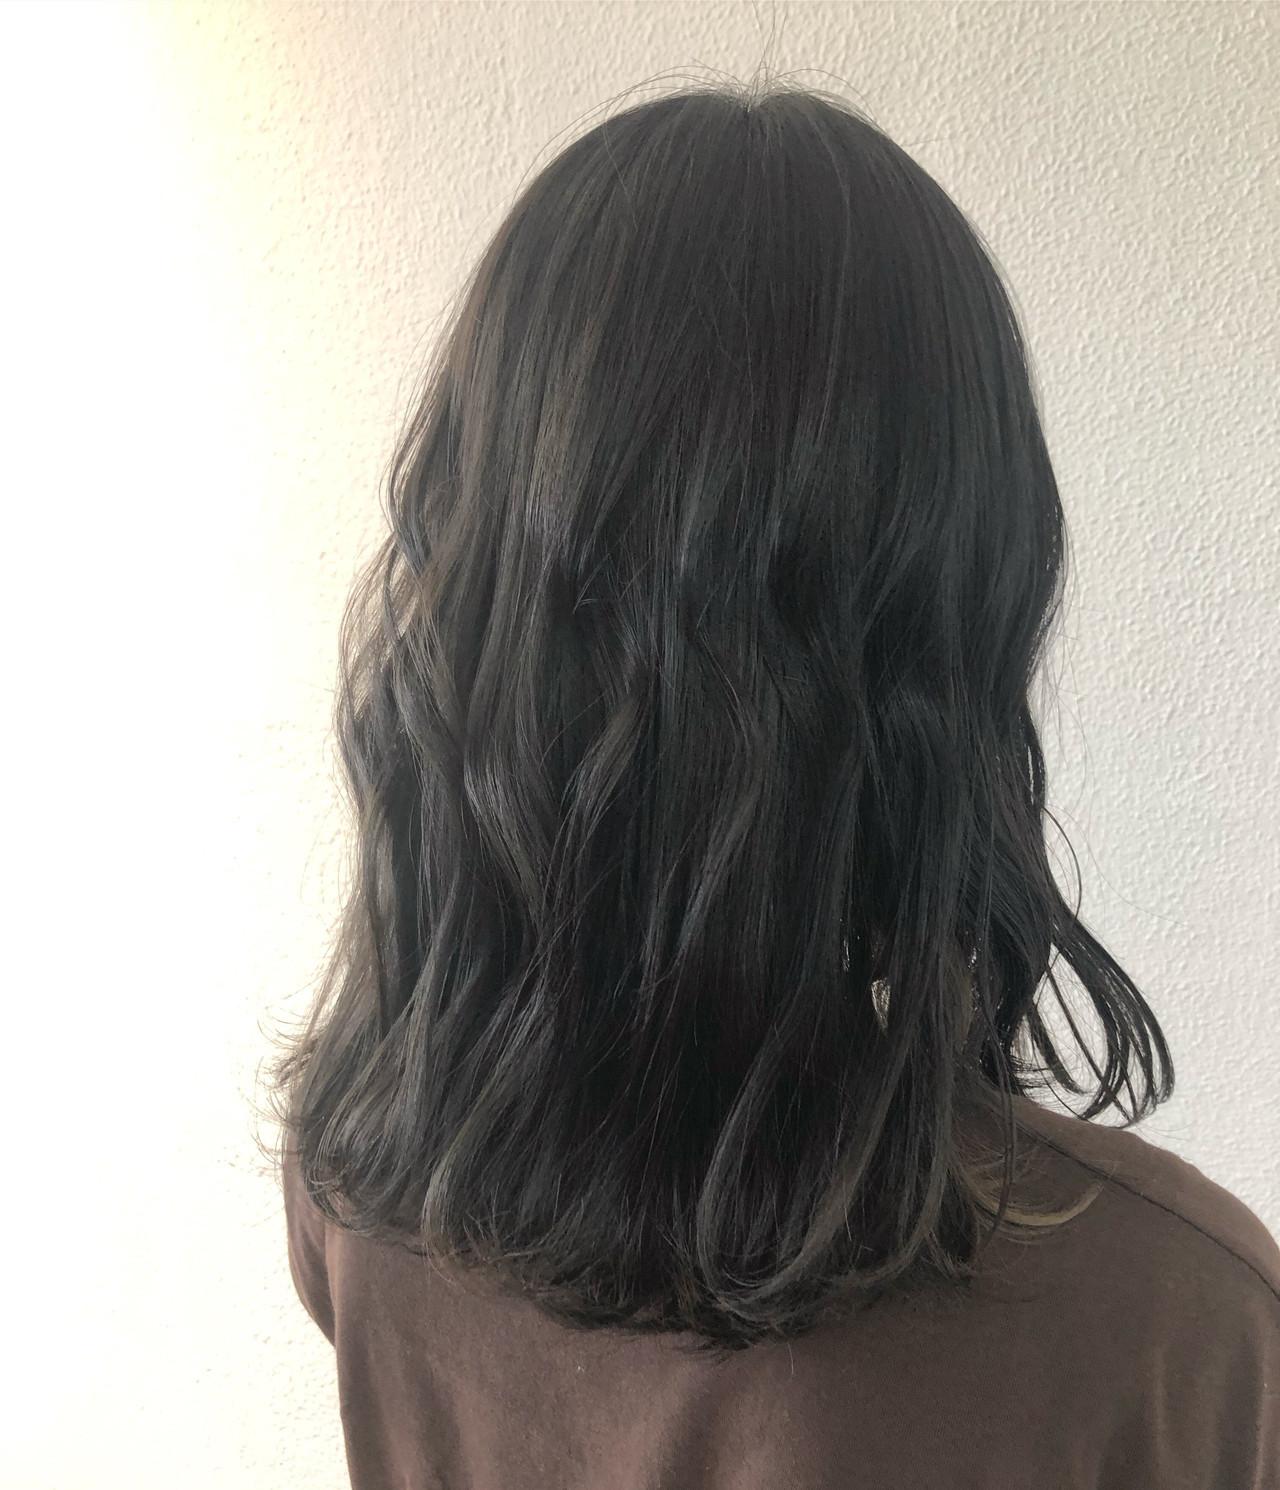 セミロング ブルージュ ヌーディベージュ グレージュ ヘアスタイルや髪型の写真・画像